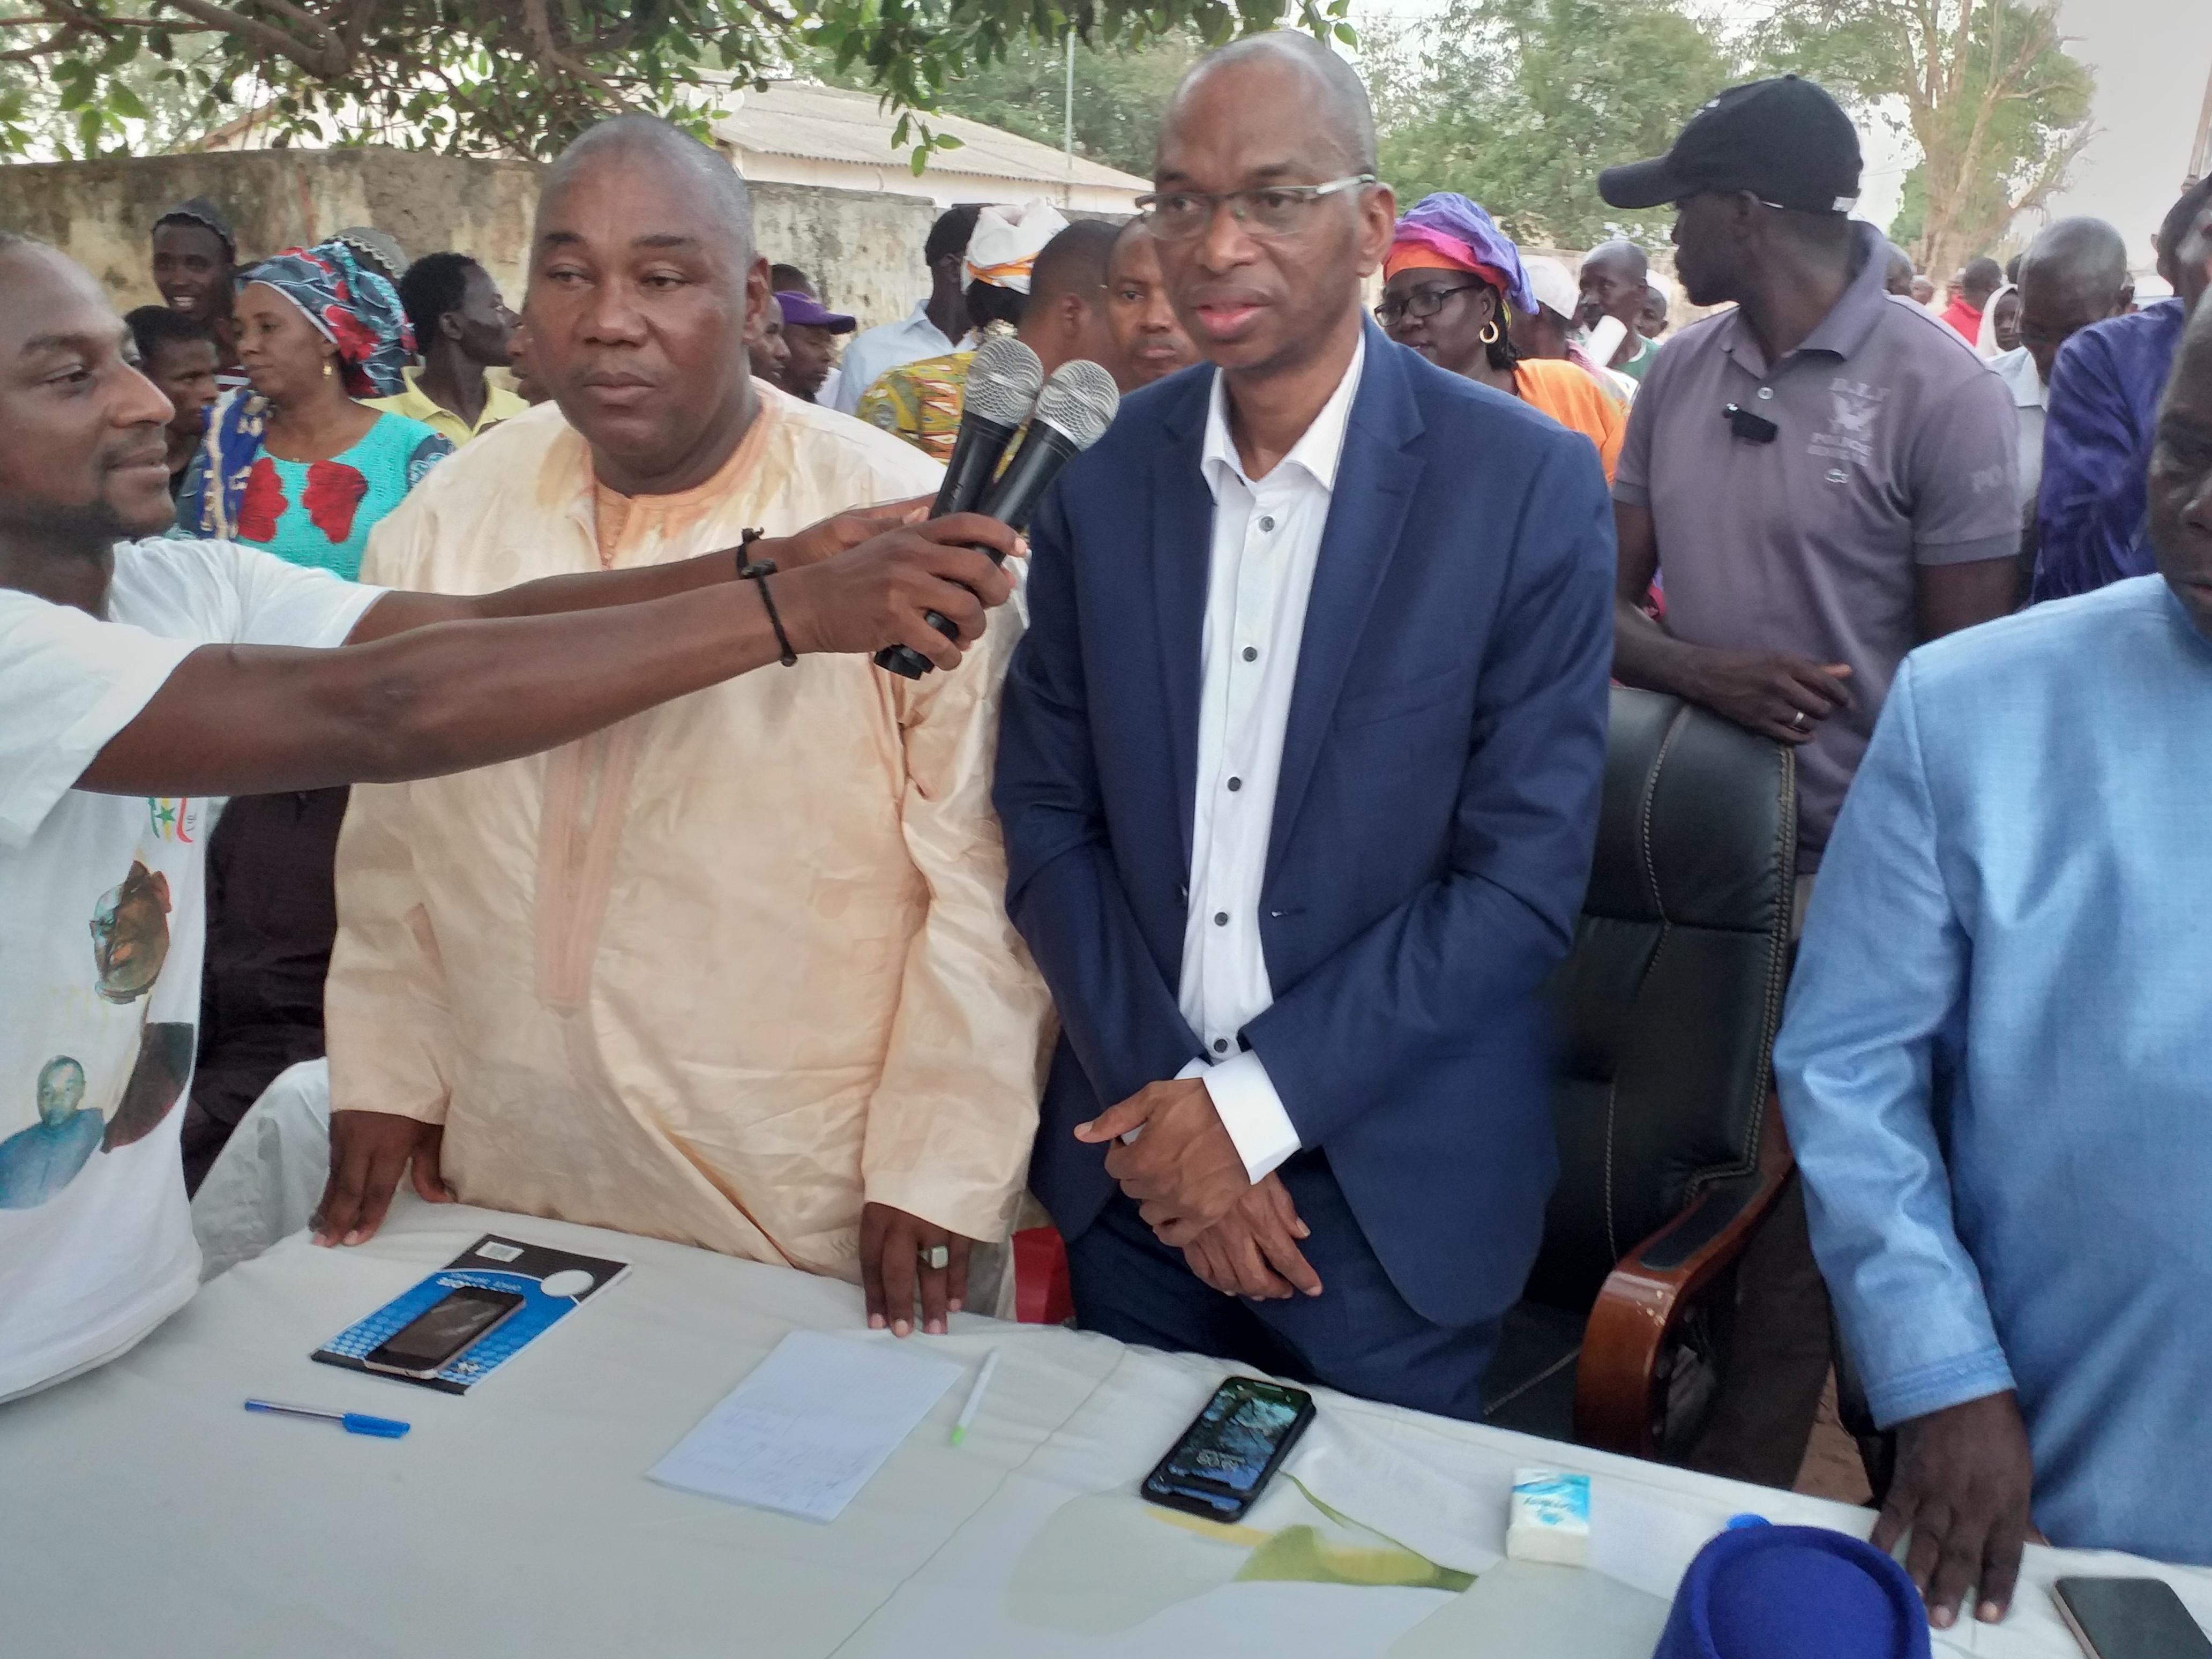 Meeting de ralliement à médina yoro foula. BASSIROU BARRY quitte le Bokk guiss guiss de Pape Diop pour rallier l'Alliance Pour la République(APR)